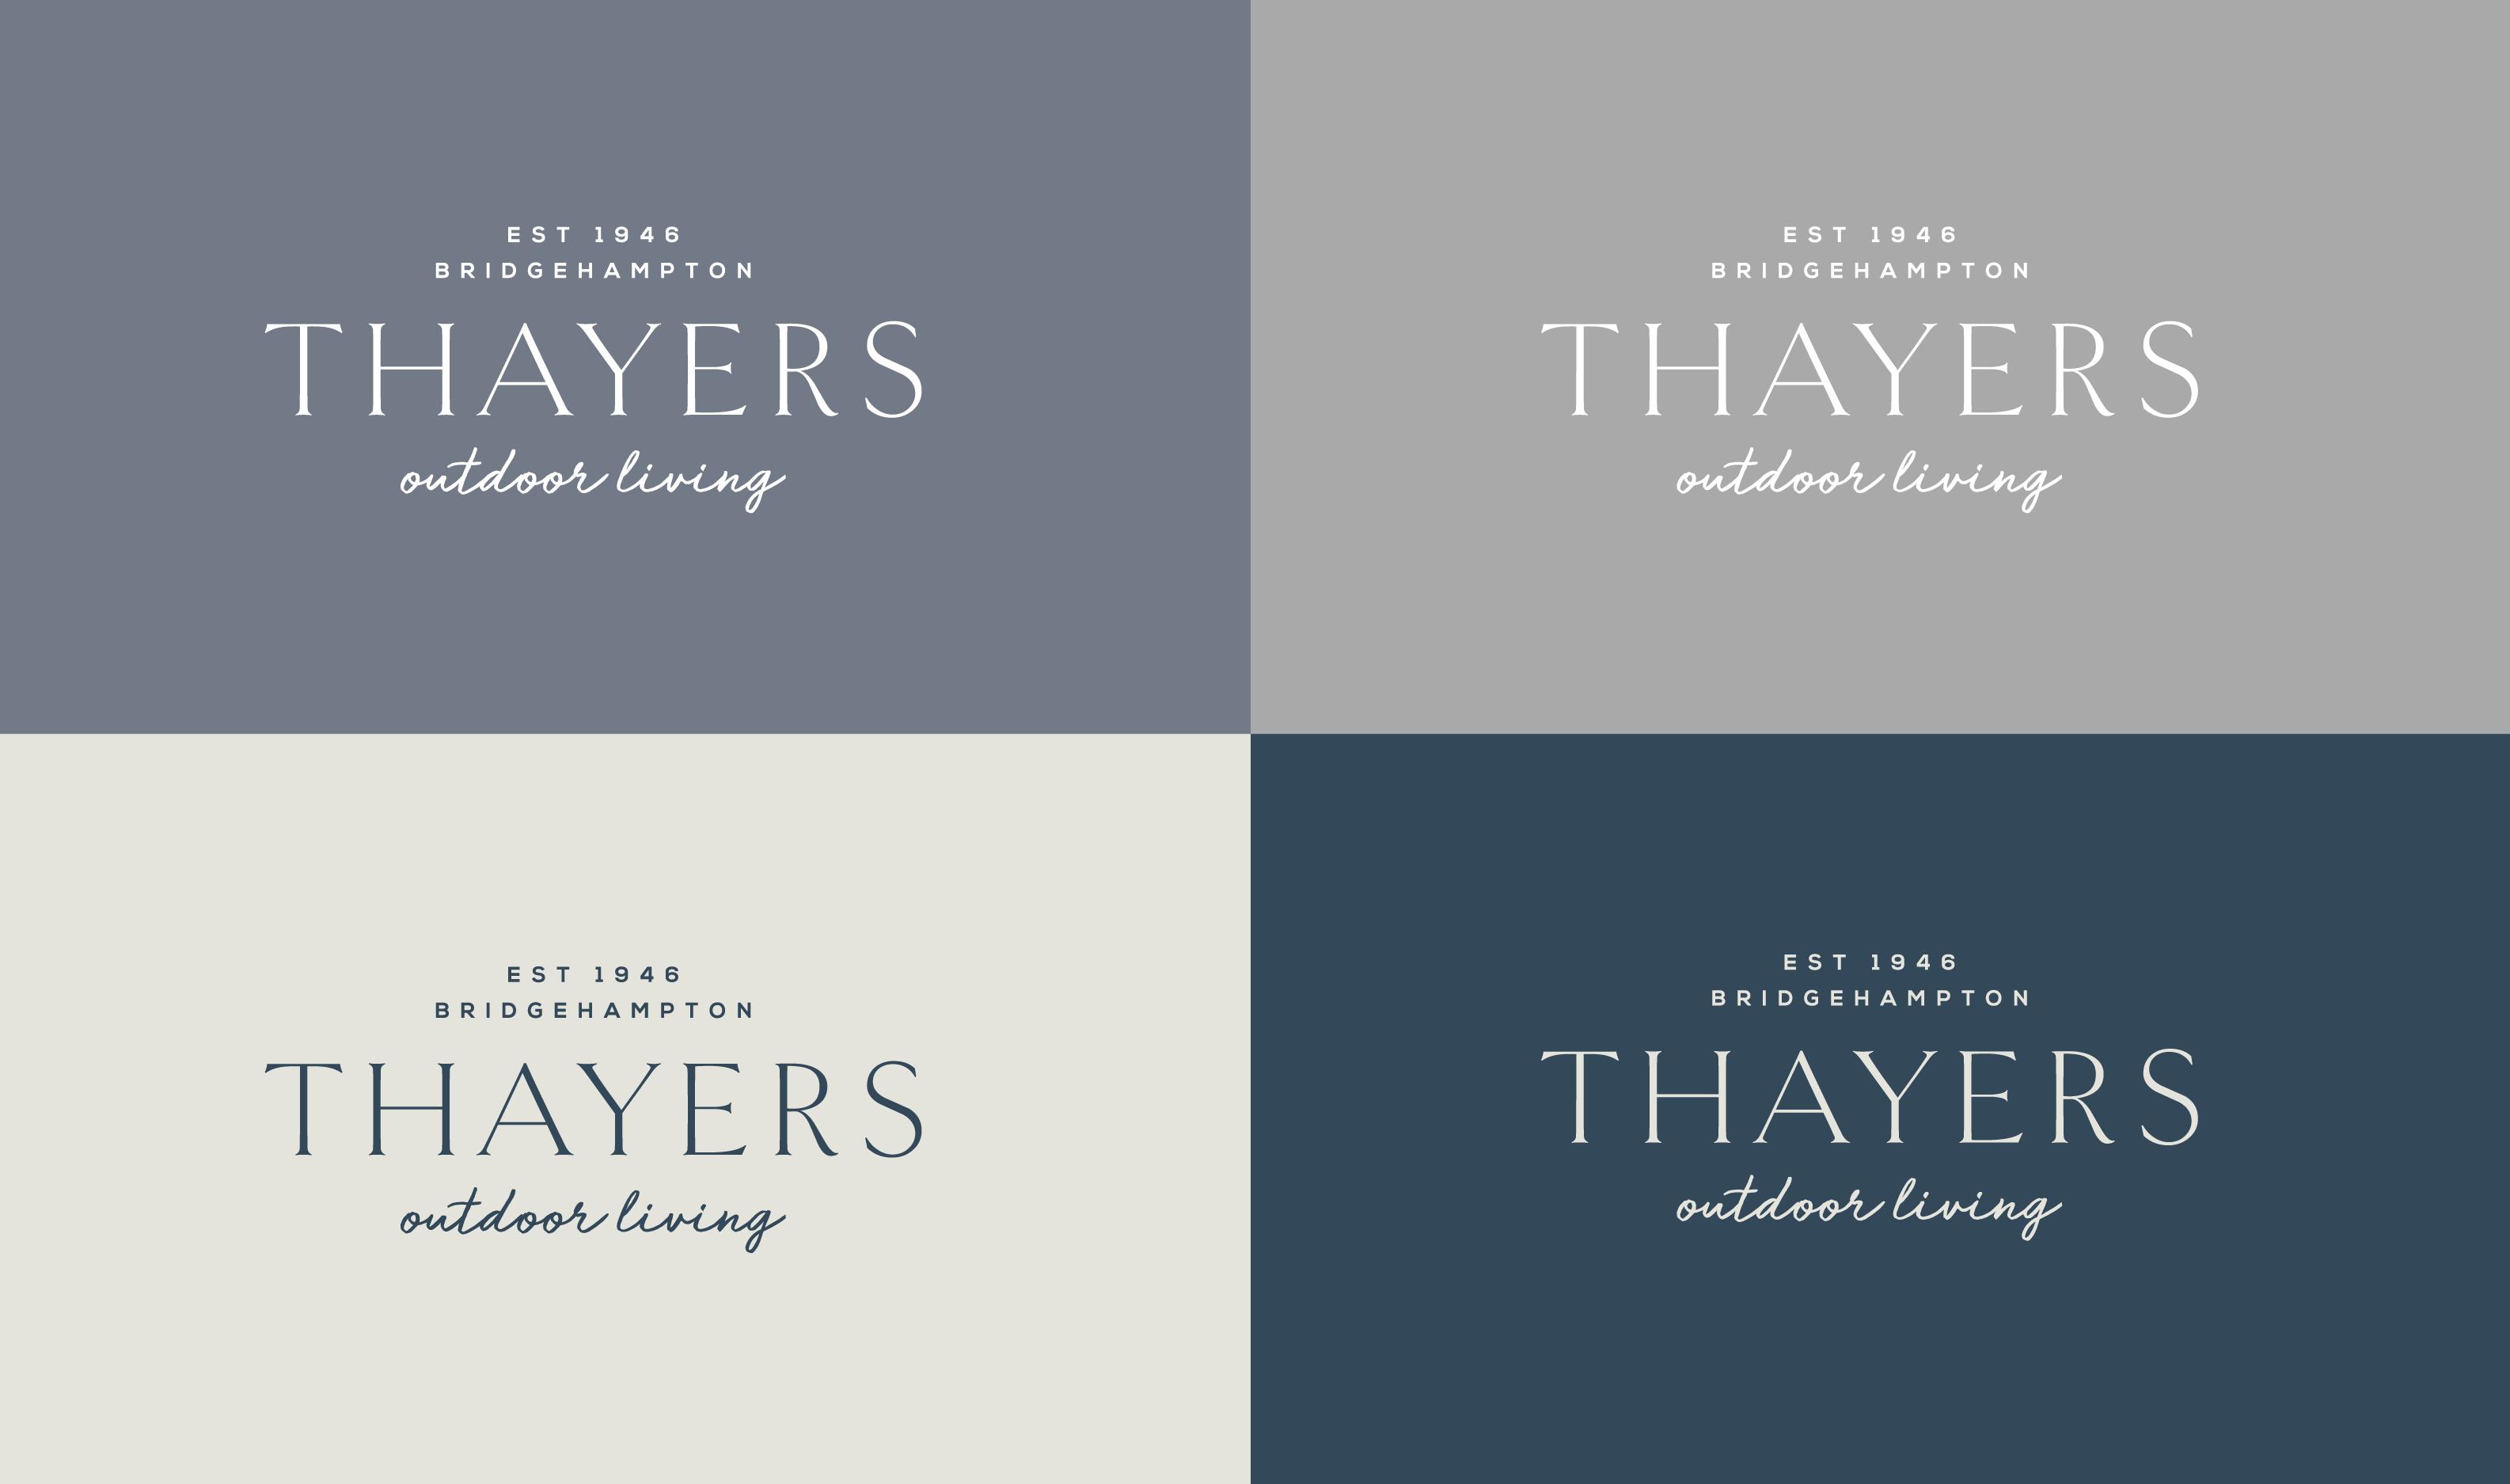 THAYERS-web-V2-06